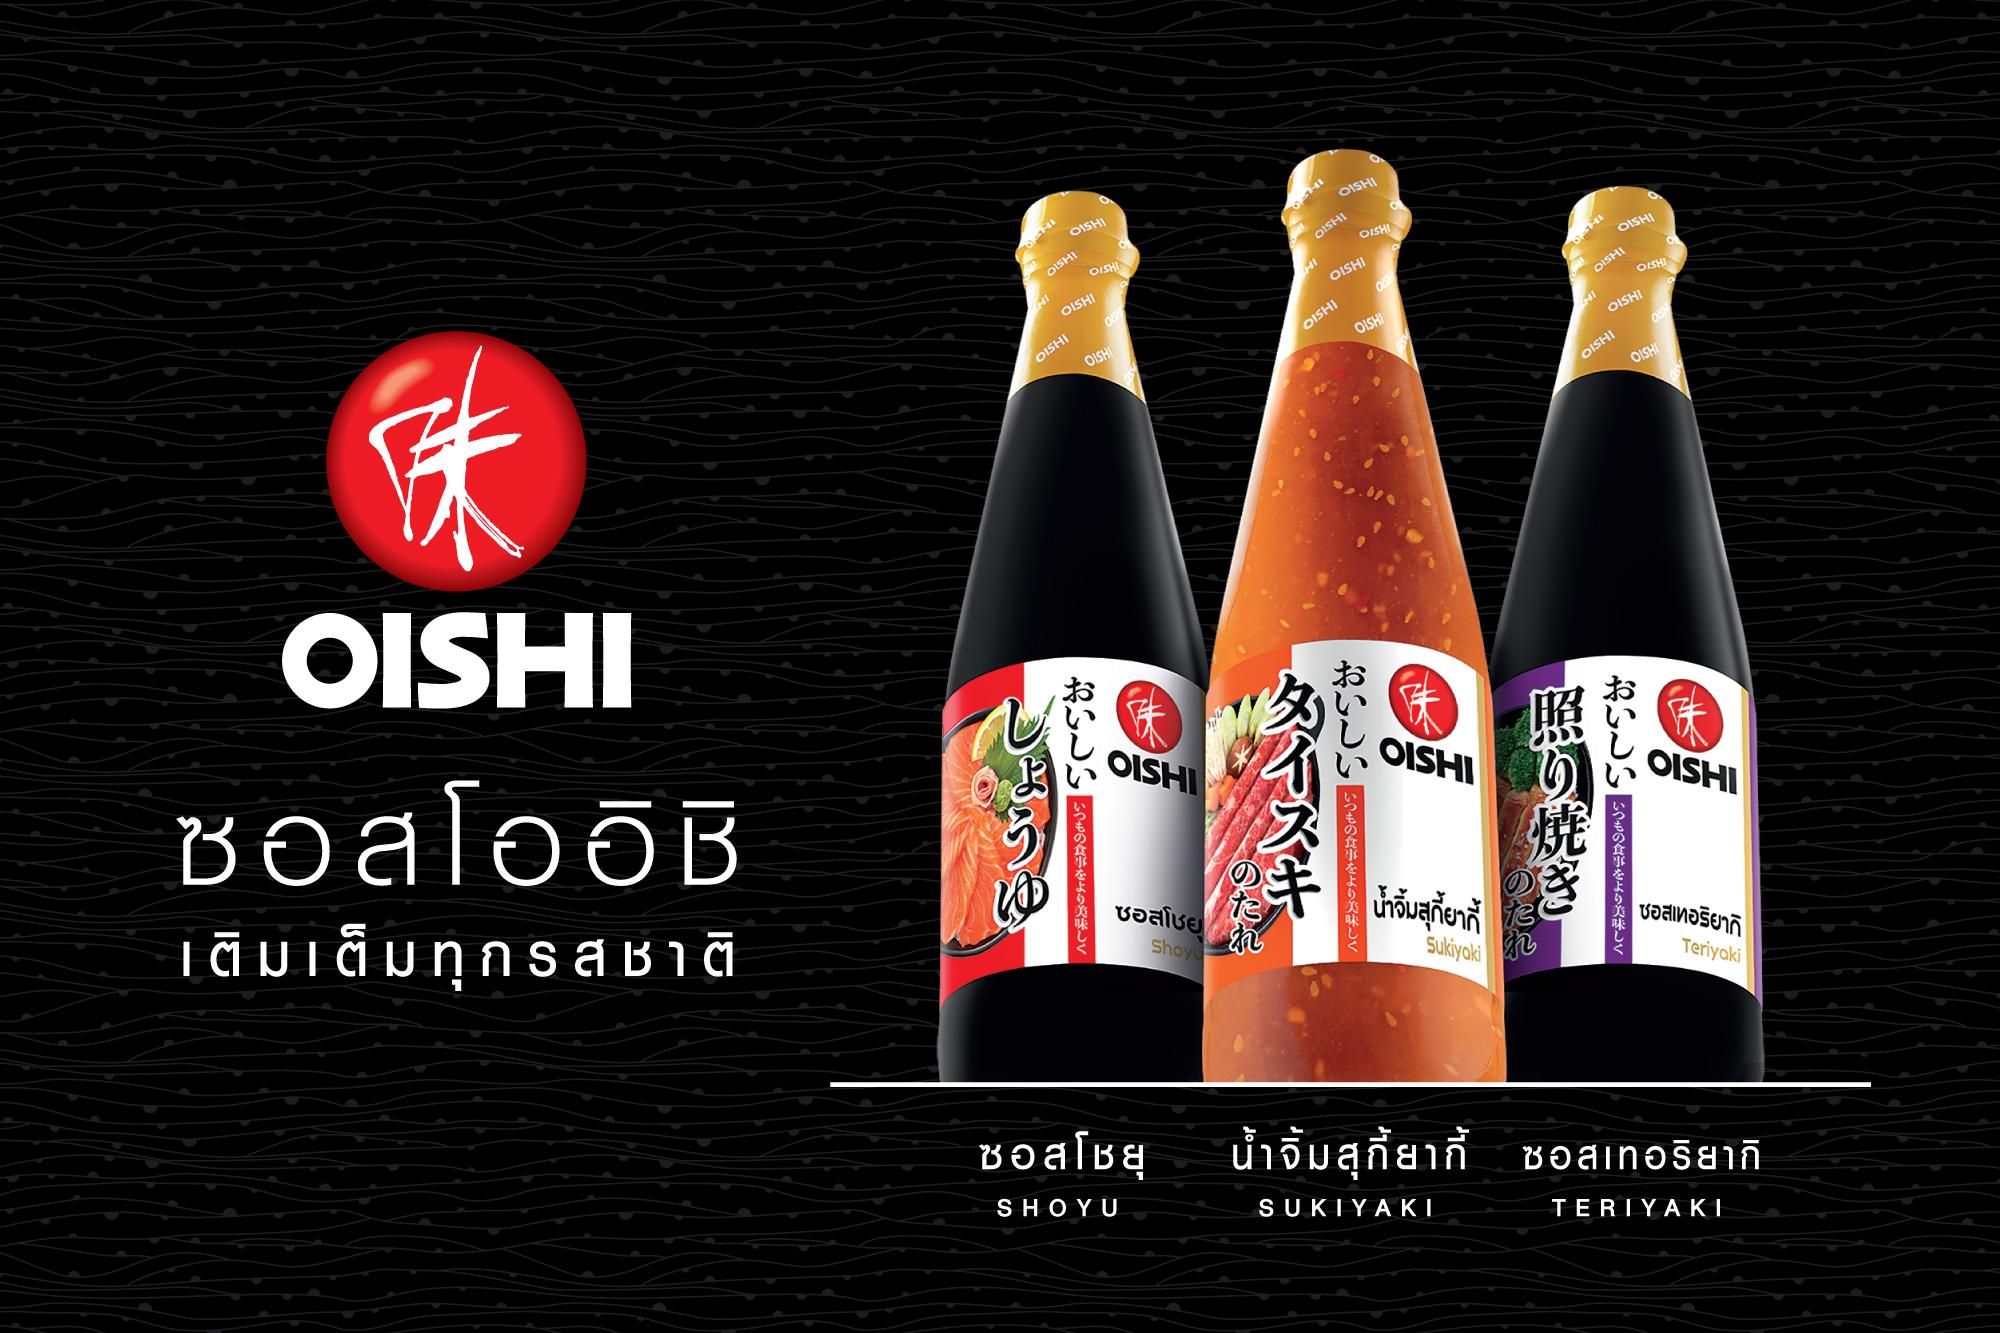 """""""โออิชิ"""" เอาใจนักกินและคนรักการทำอาหาร เปิดตัว """"ซอสโออิชิ"""" เติมเต็มรสชาติความเป็นญี่ปุ่นได้ง่าย ๆ ในขวดเดียว สำนักพิมพ์แม่บ้าน"""